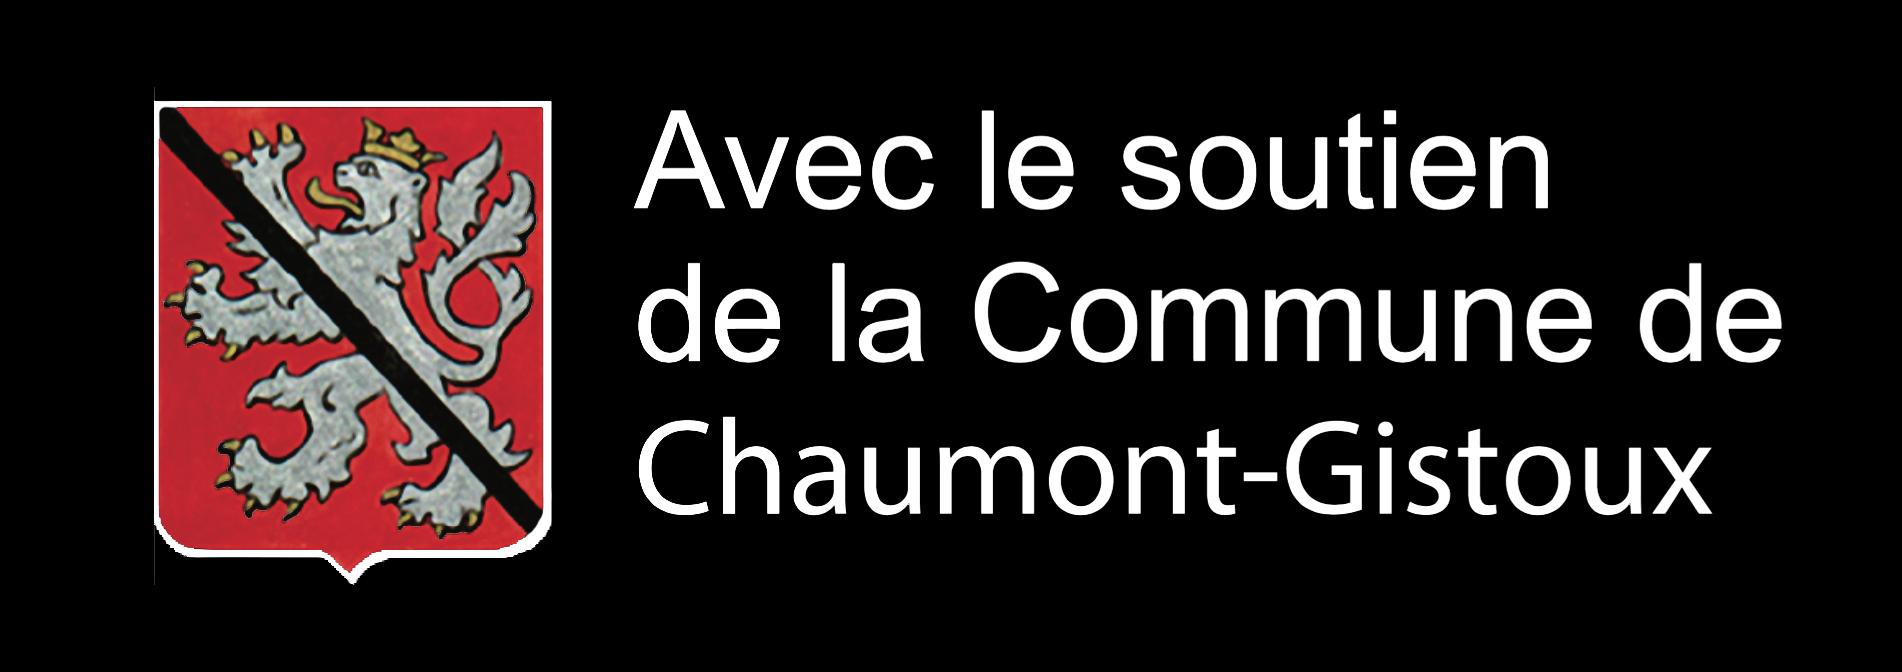 Chaumont-Gistoux copie